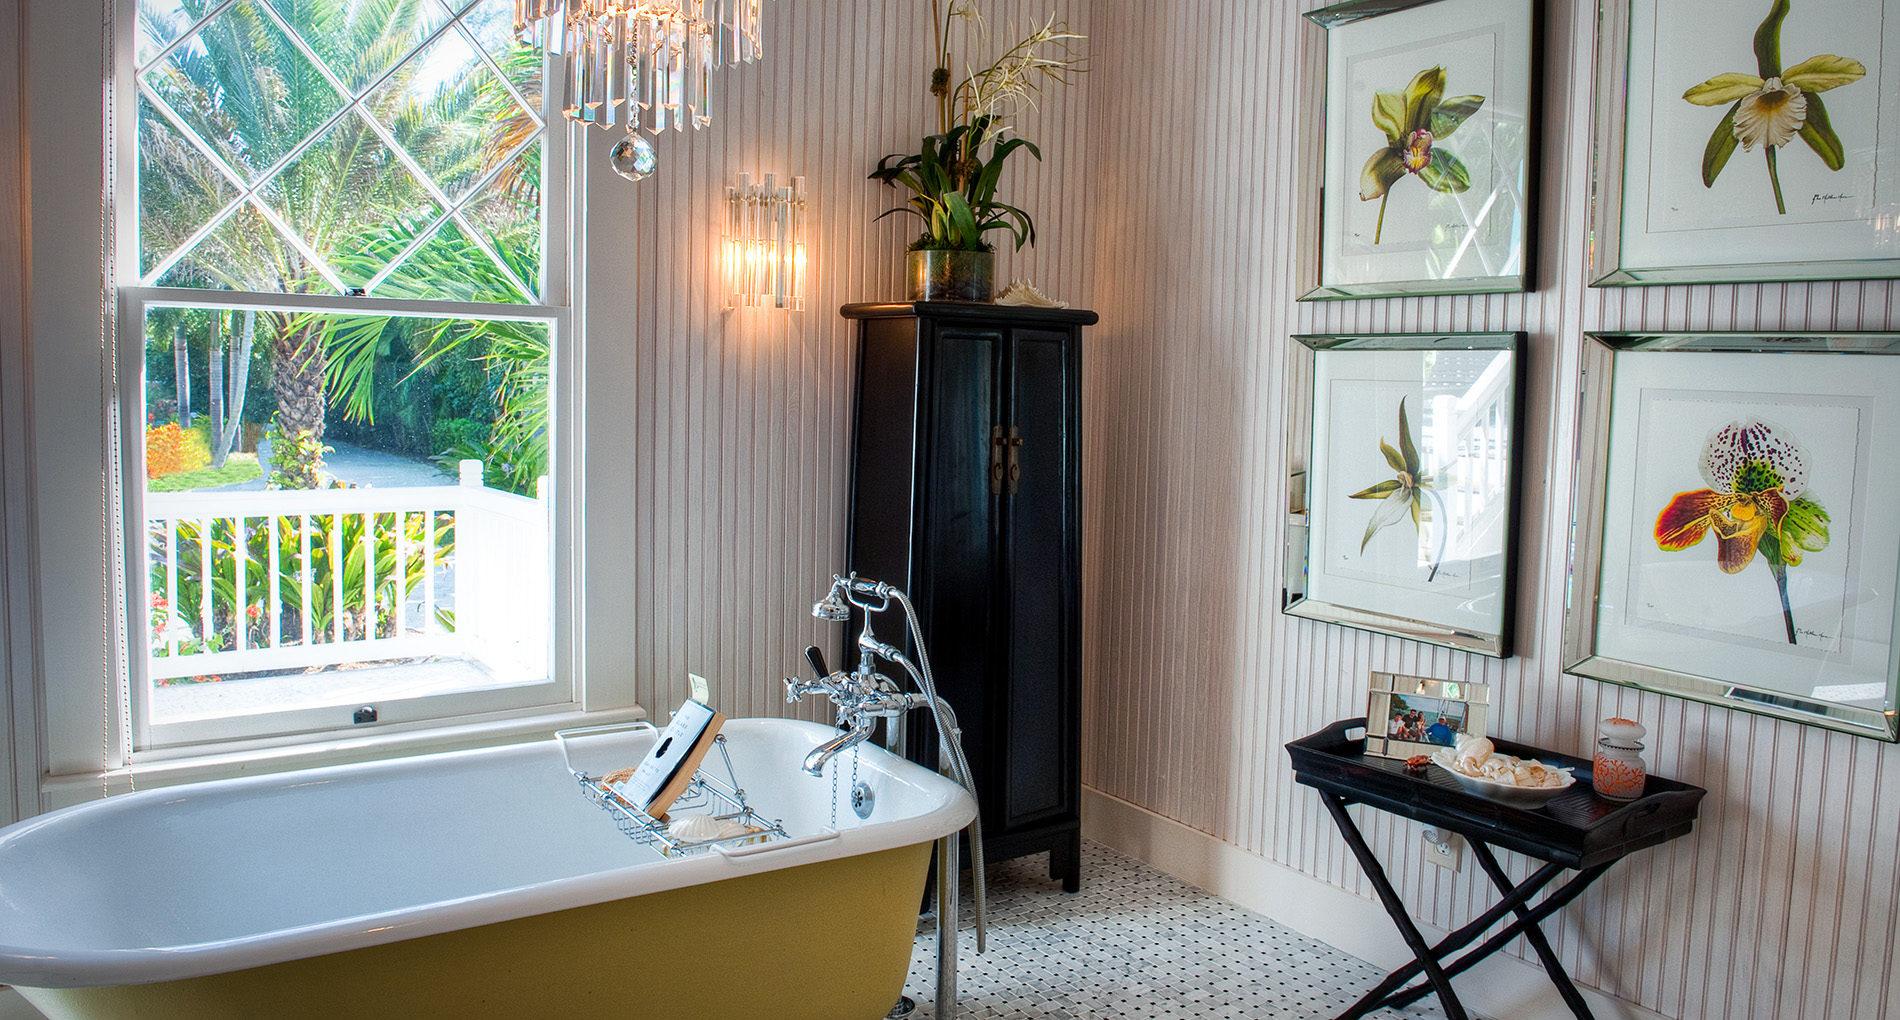 Bathroom Remodel Bonitasprings Captivabayside Slider